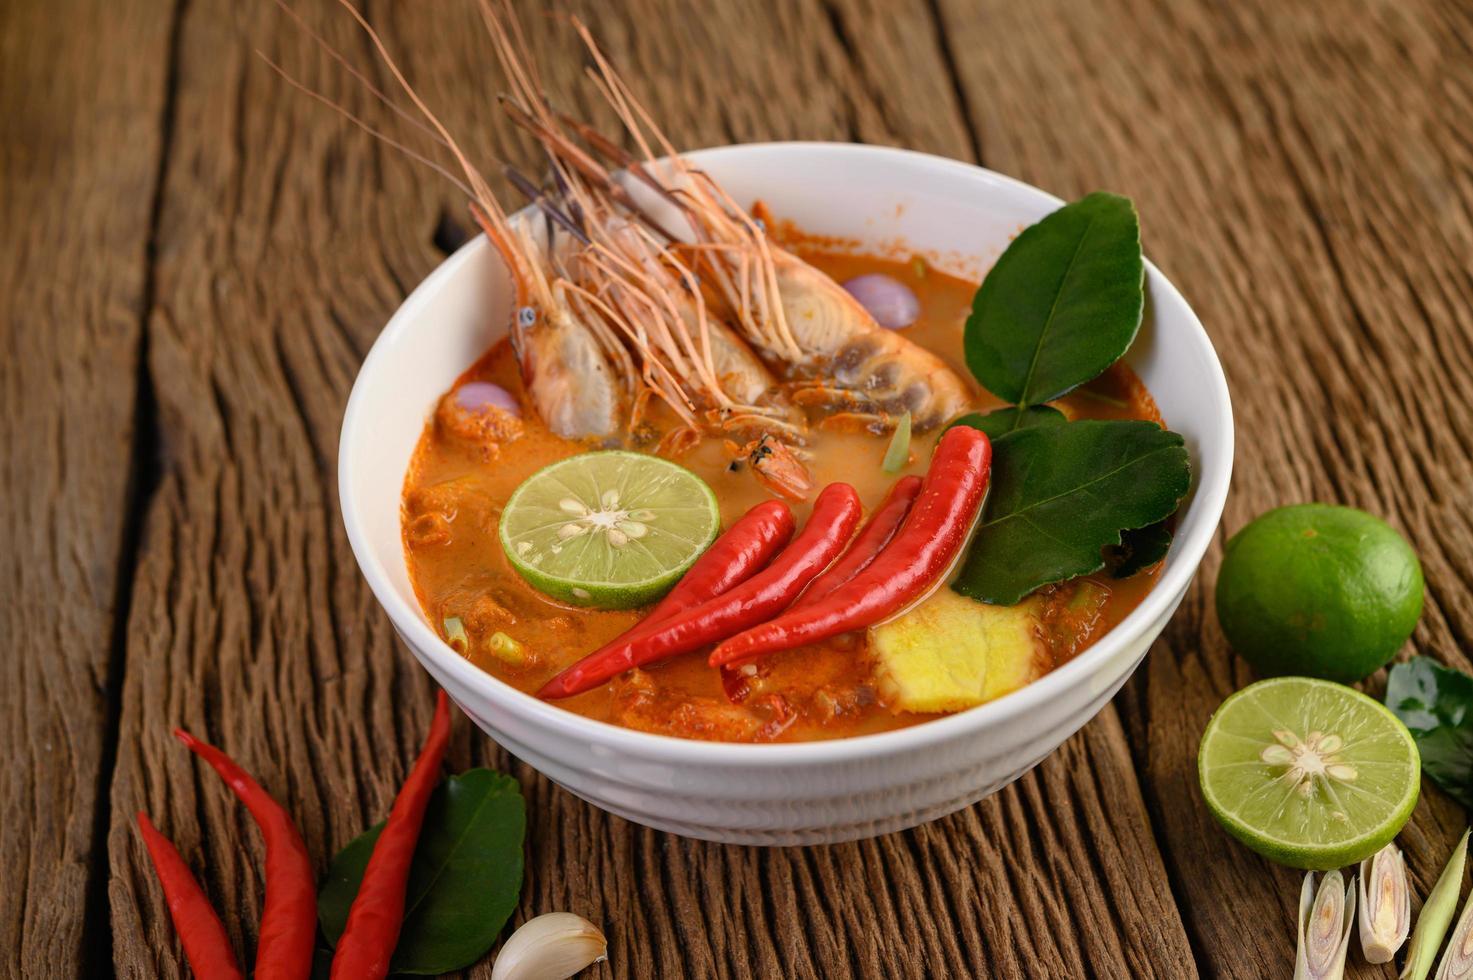 sopa tailandesa de tom yum kung caliente y picante foto